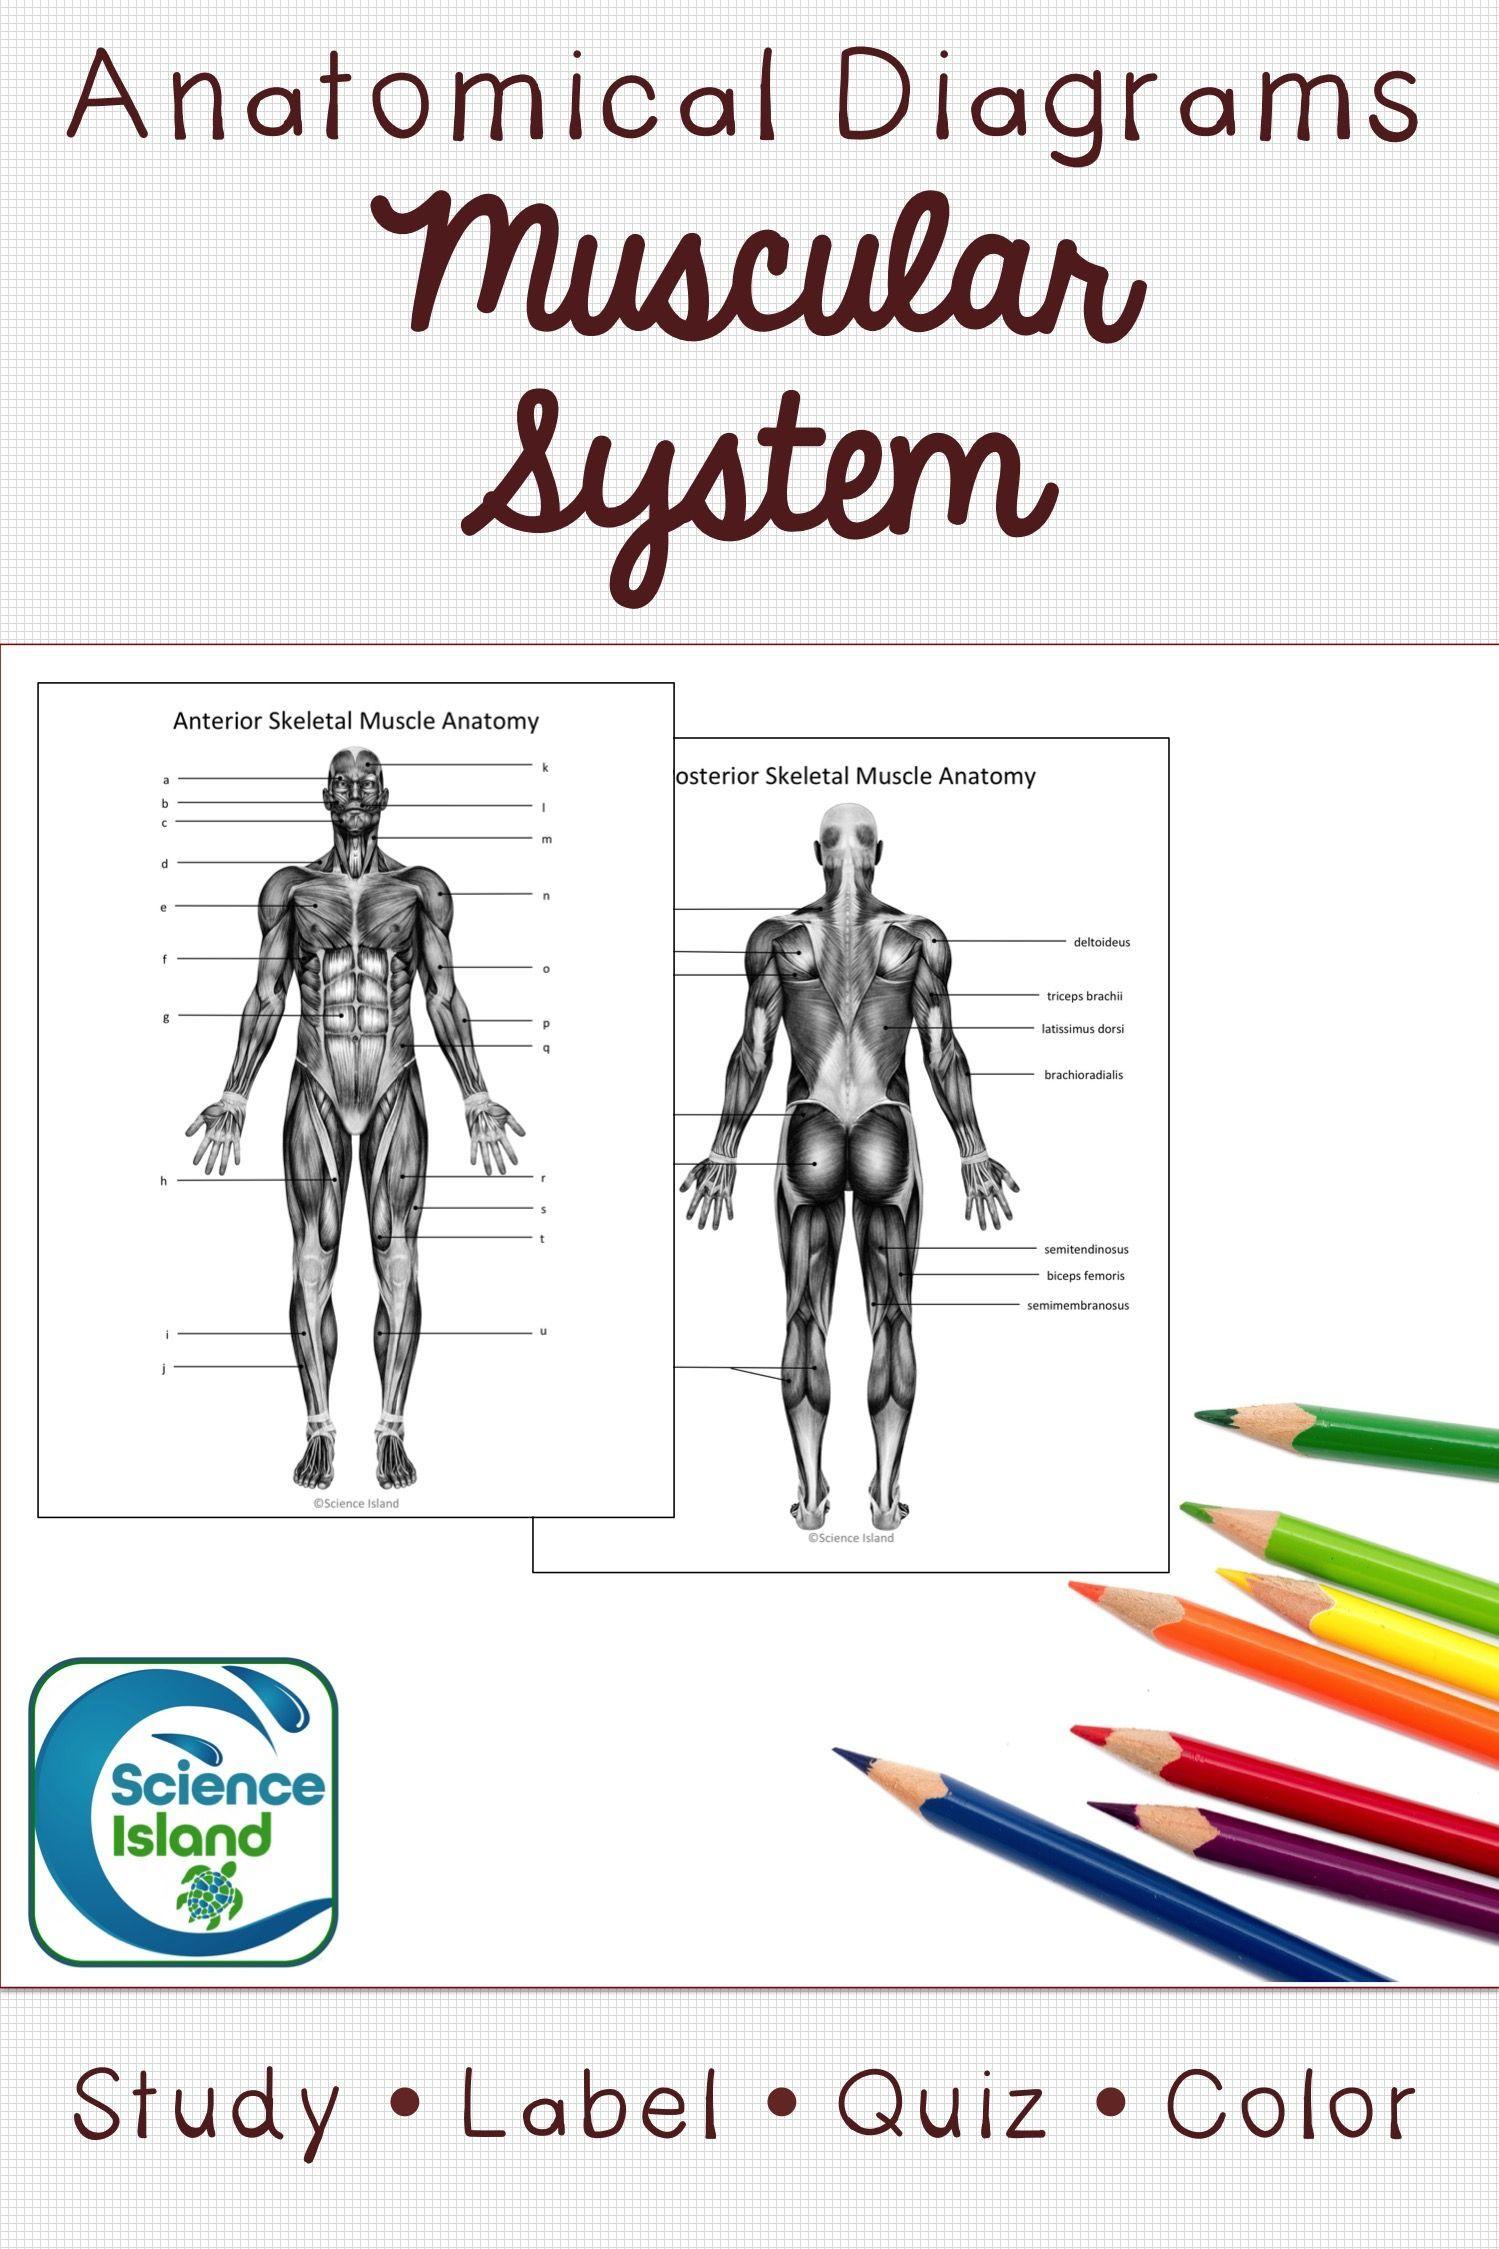 Muscular System Diagrams: Study, Label, Quiz & Color | Anatomy ...